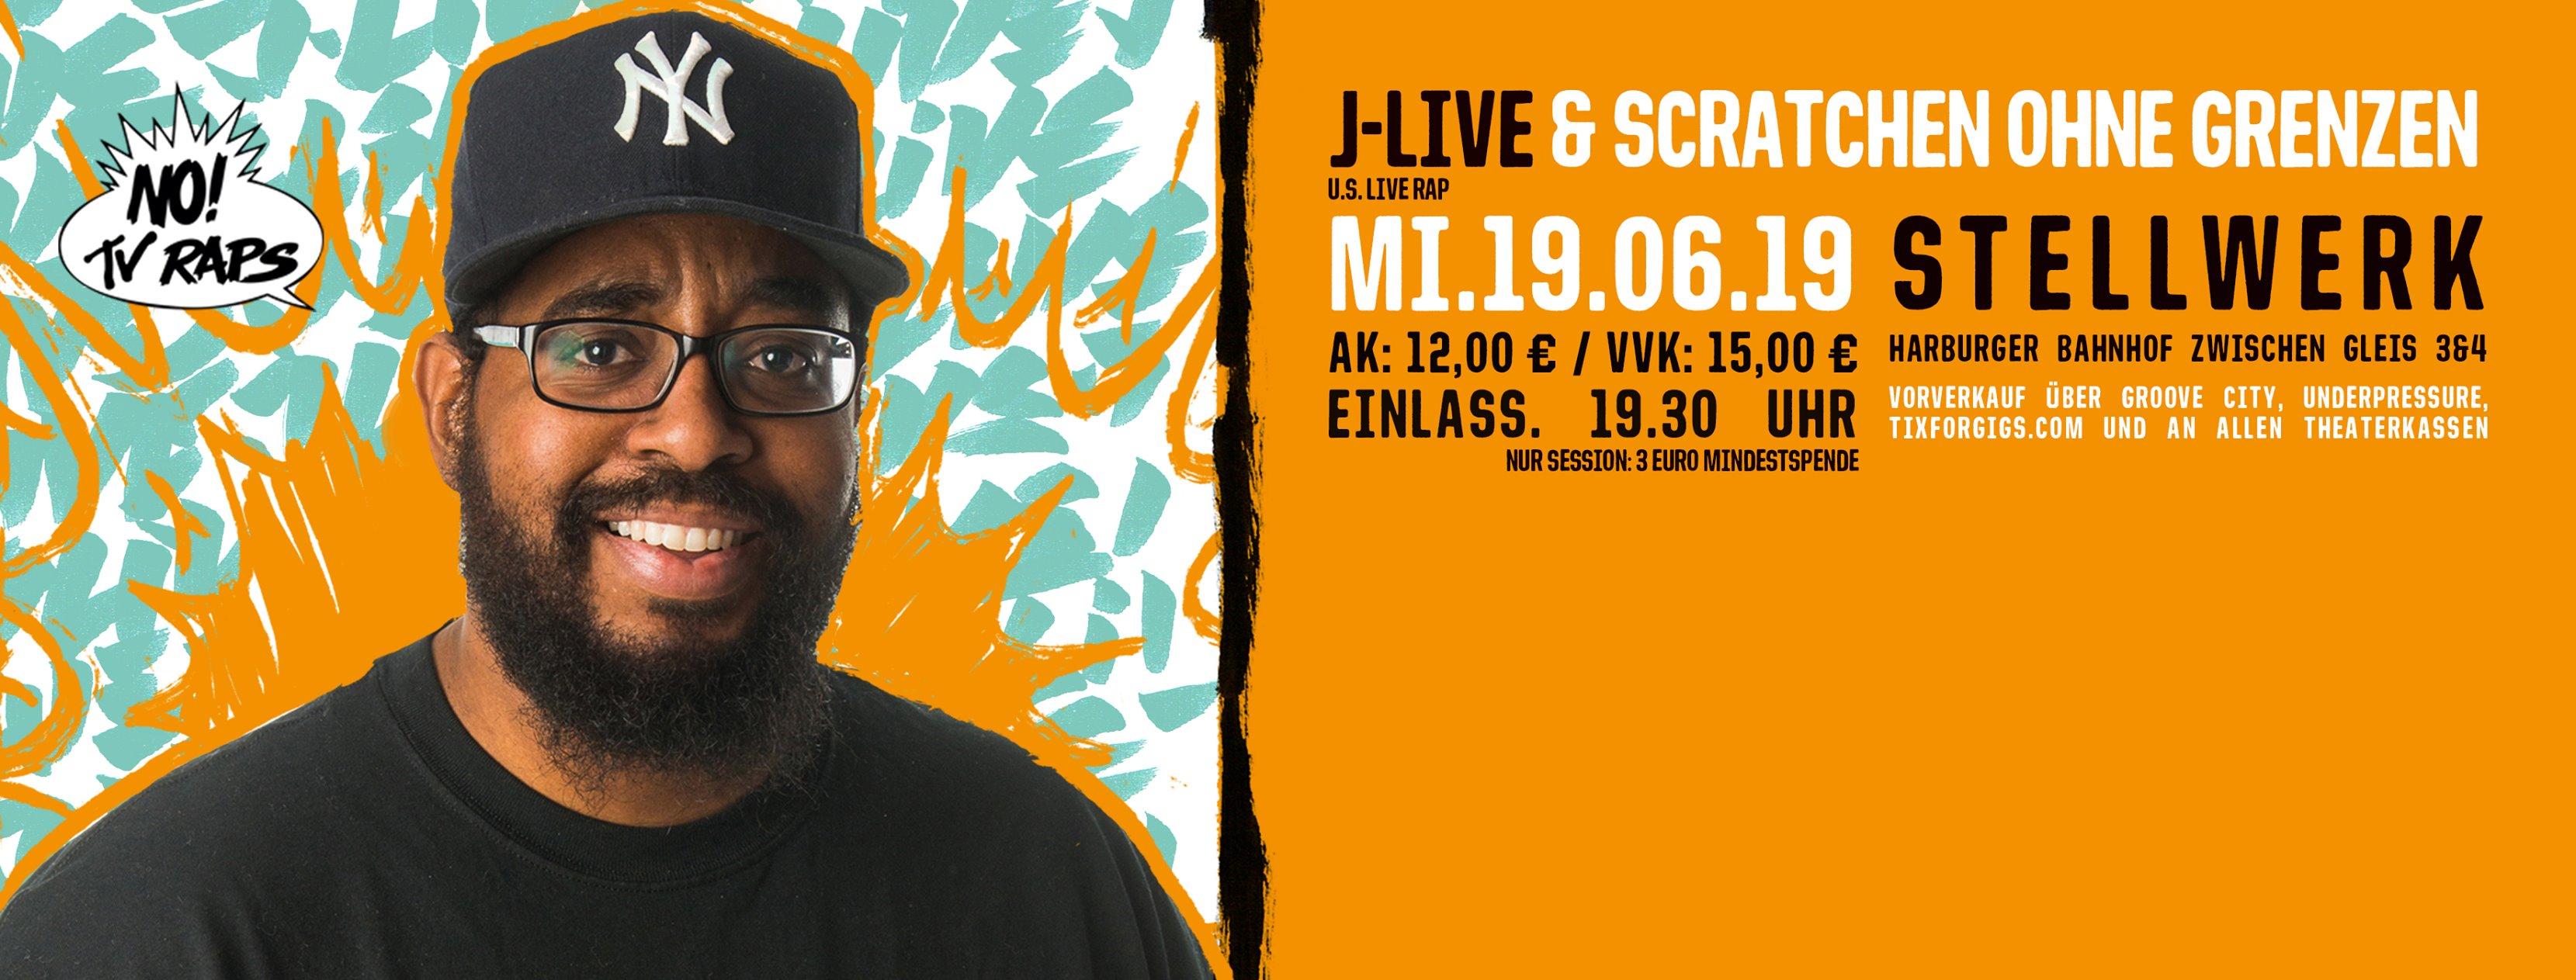 J-Live&Scratchen ohne Grenzen